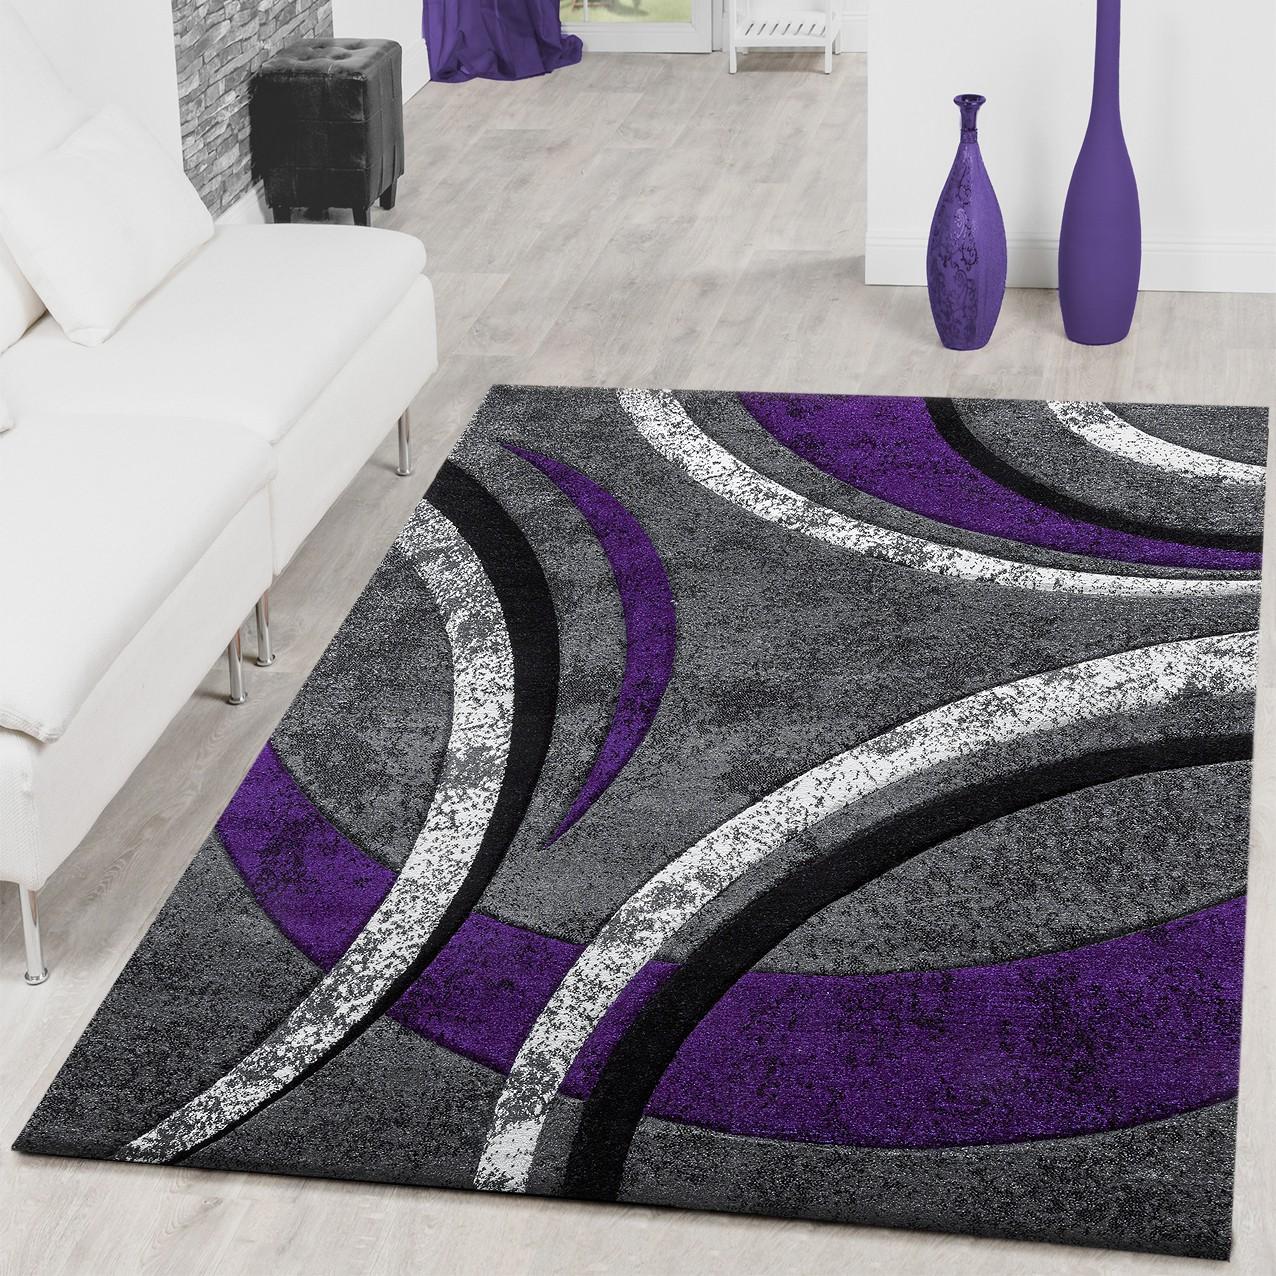 teppich wohnzimmer gestreift modern mit konturenschnitt in. Black Bedroom Furniture Sets. Home Design Ideas